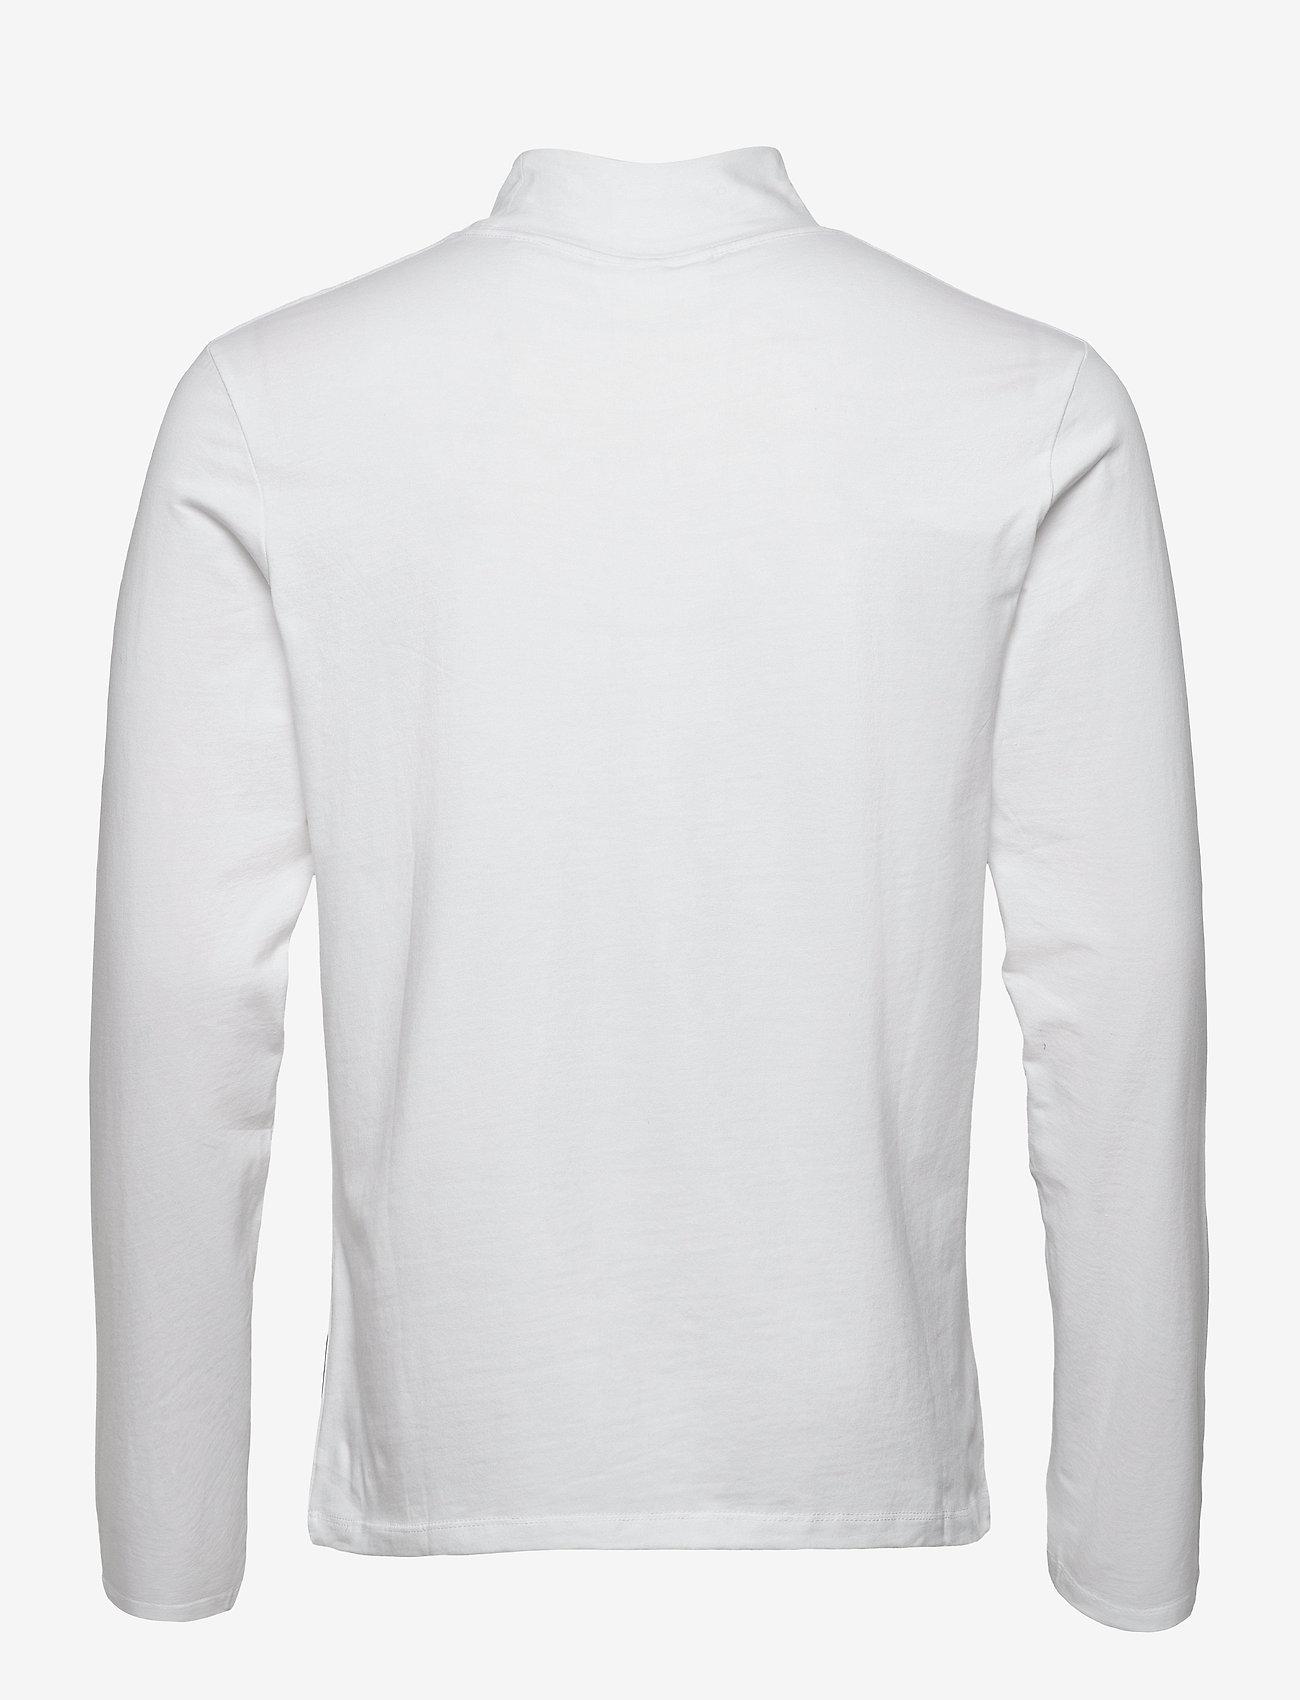 Lindbergh Turtle neck tee L/S - T-skjorter WHITE - Menn Klær